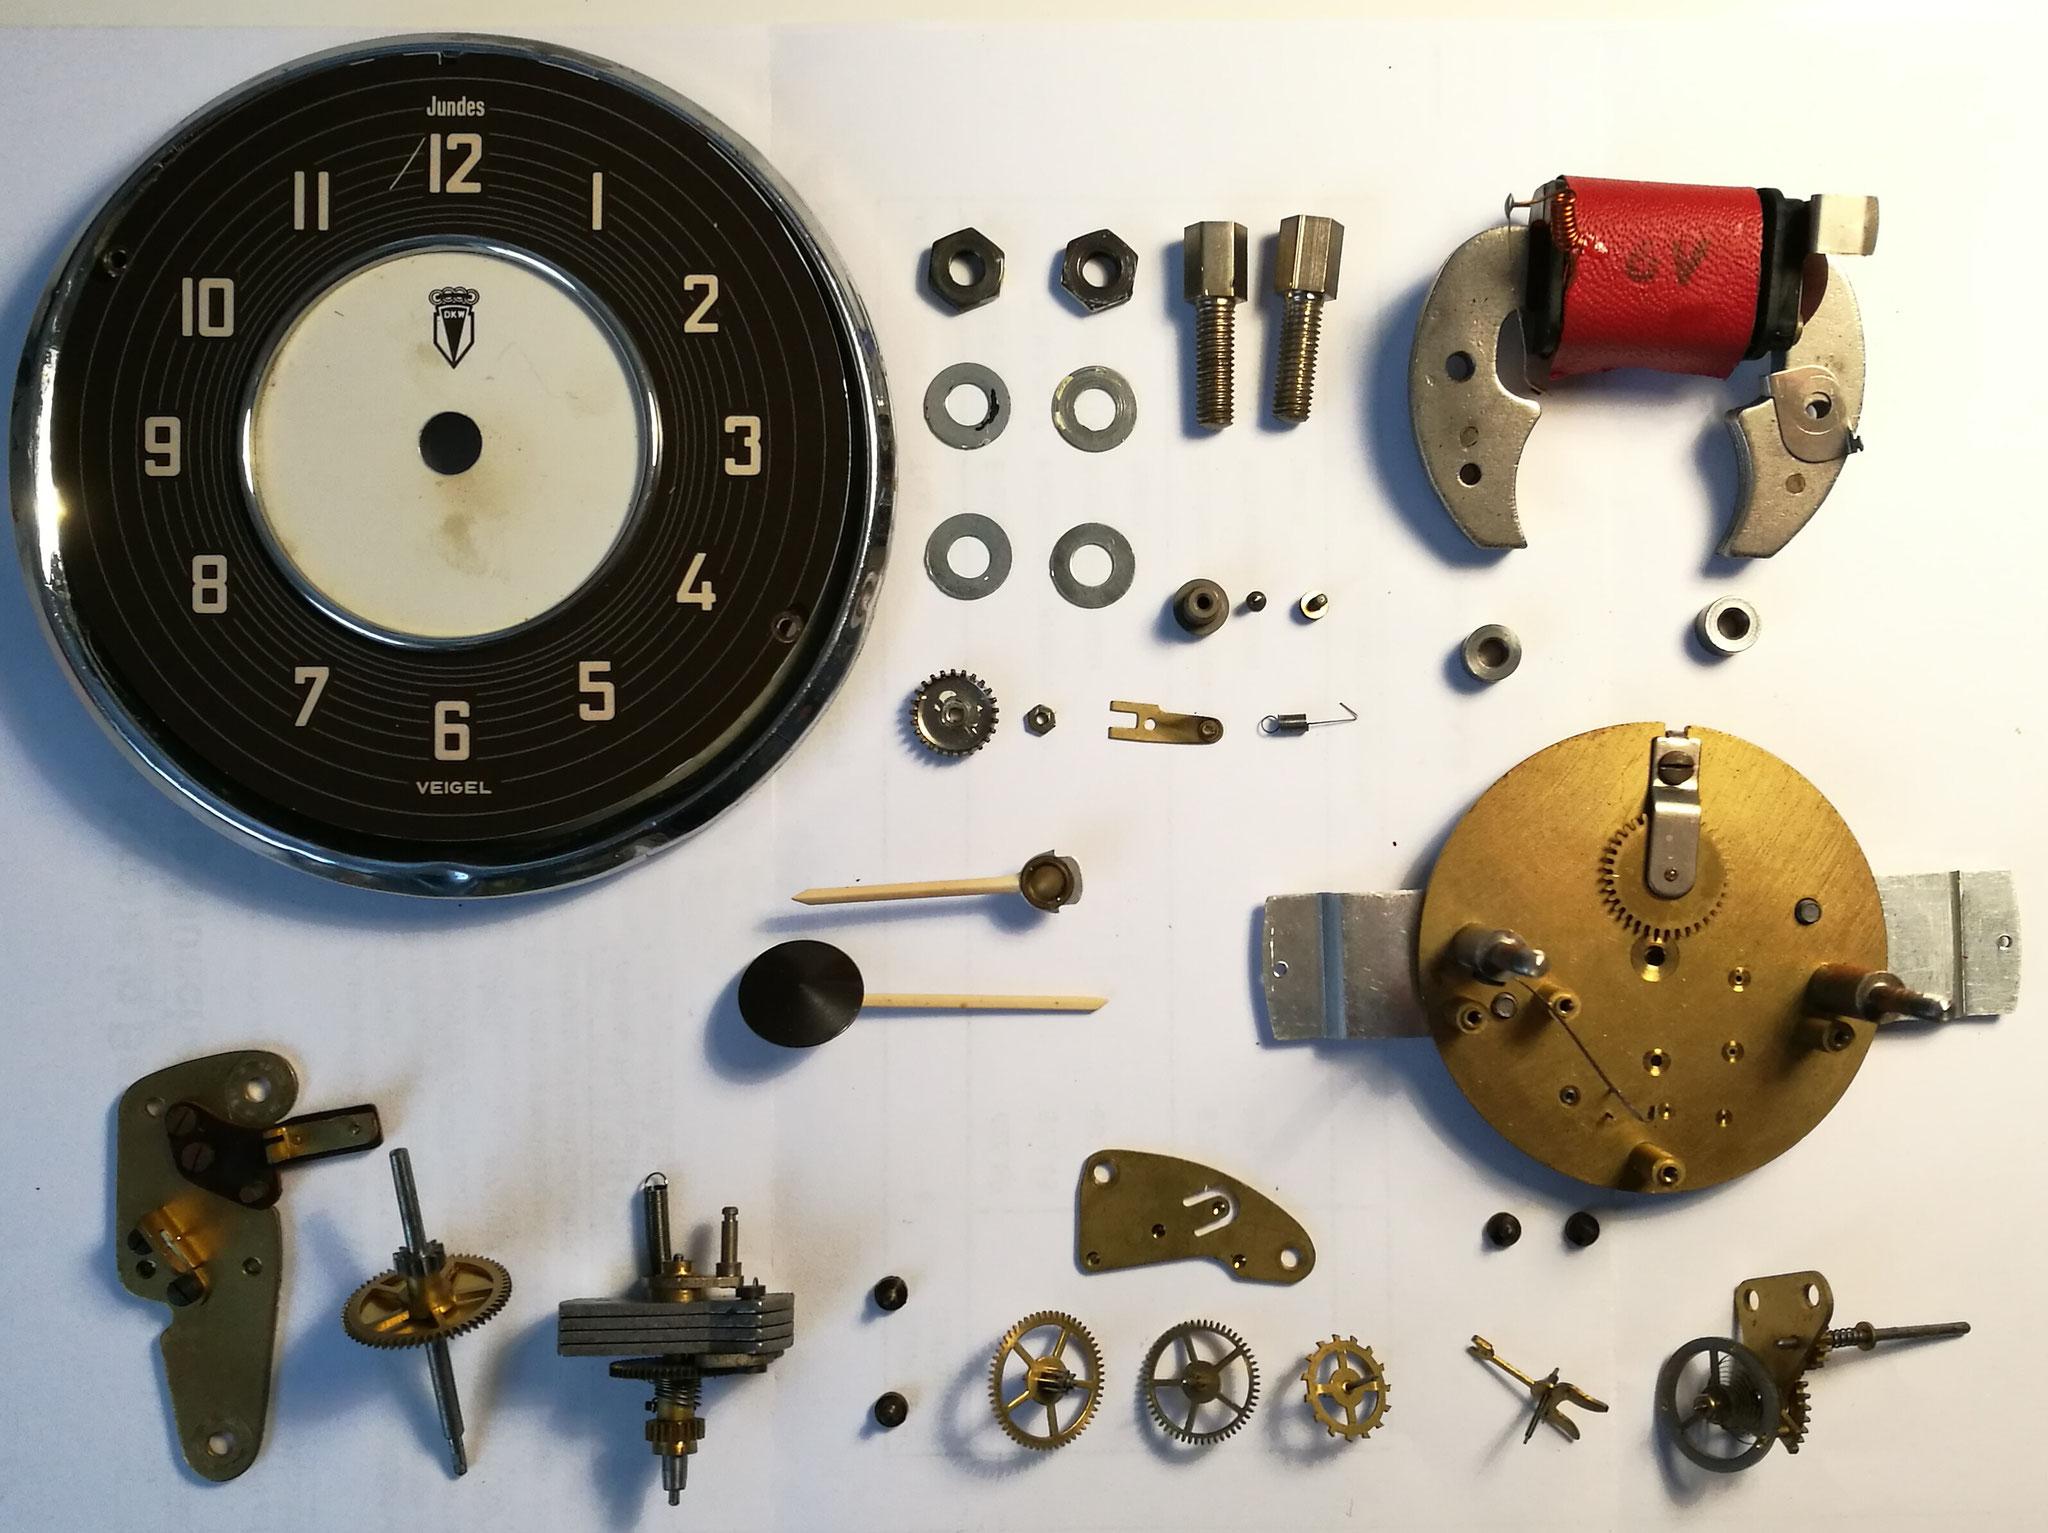 Veigel DKW Uhr